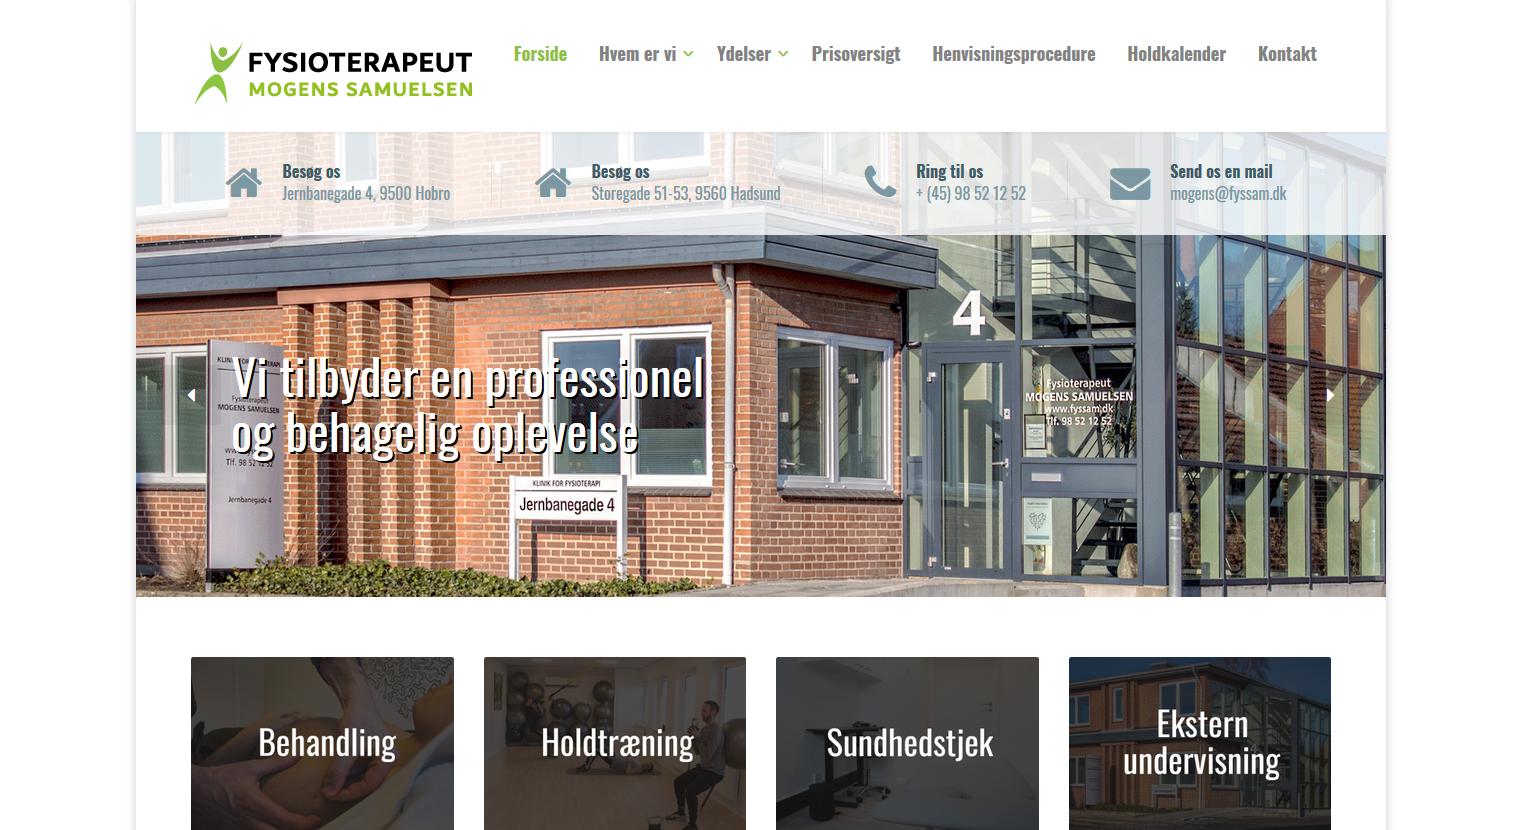 Hjemmeside til Fysioterapeut Mogens Samuelsen